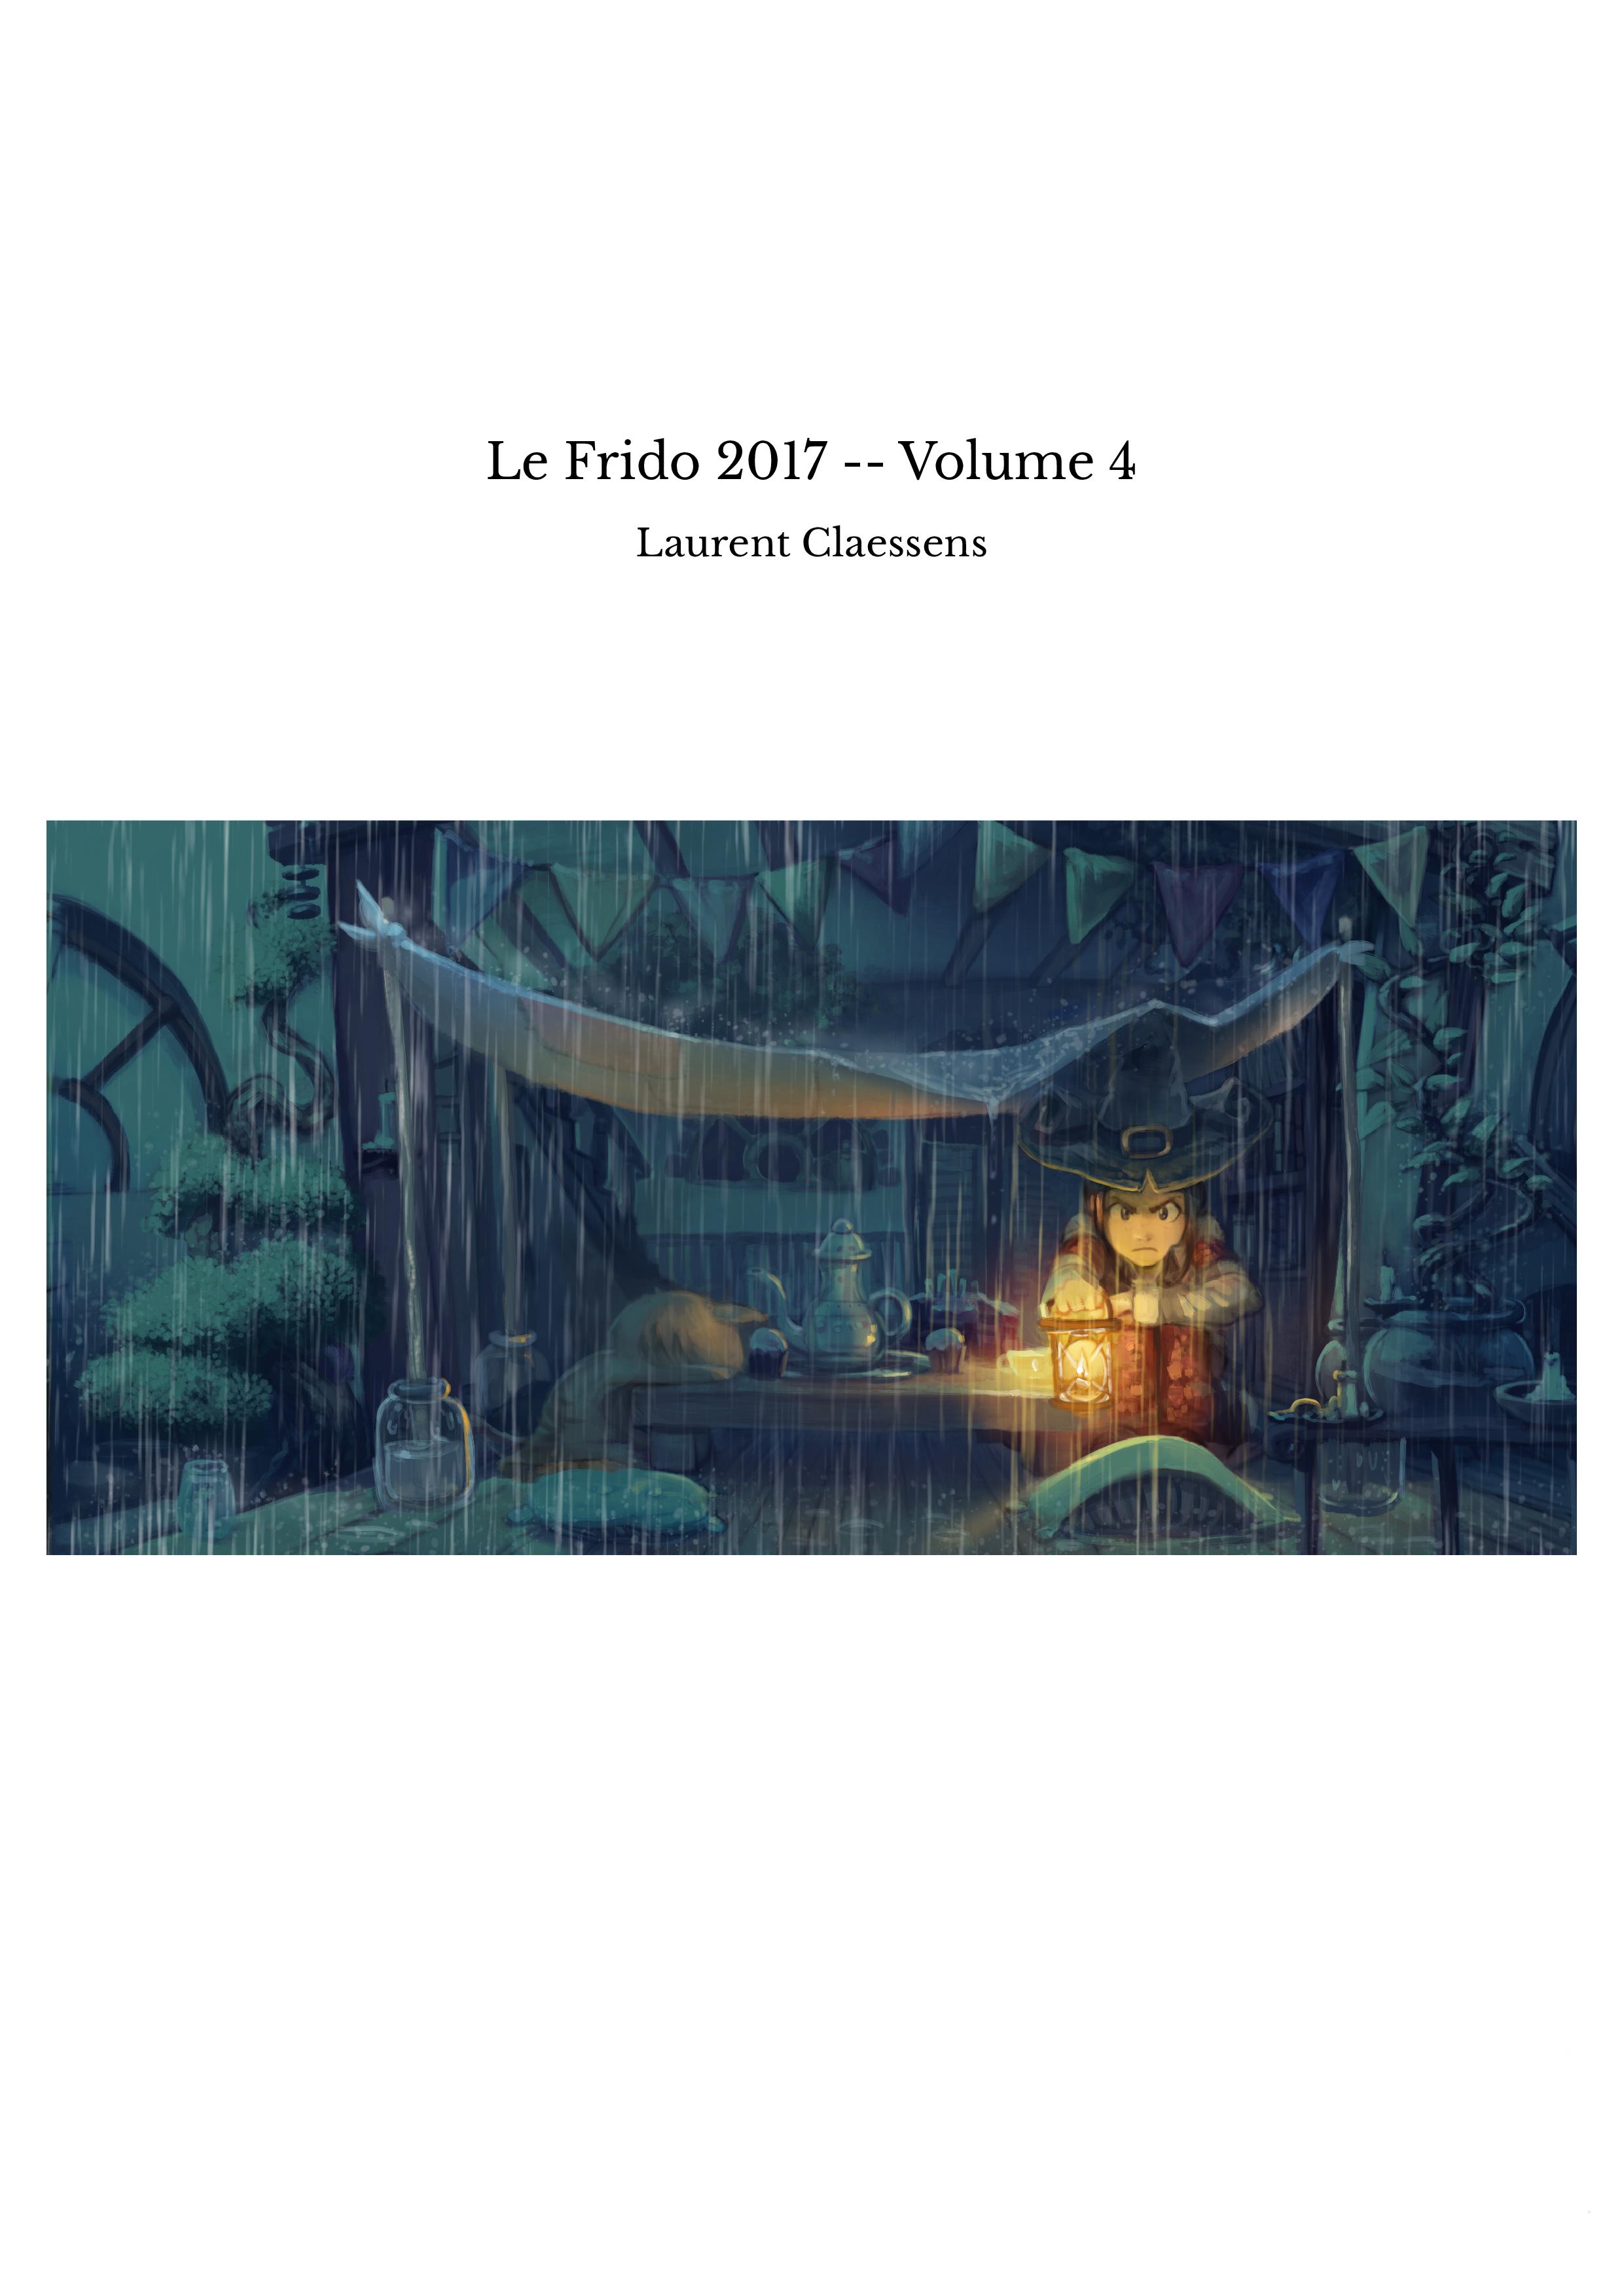 Le Frido 2017 -- Volume 4